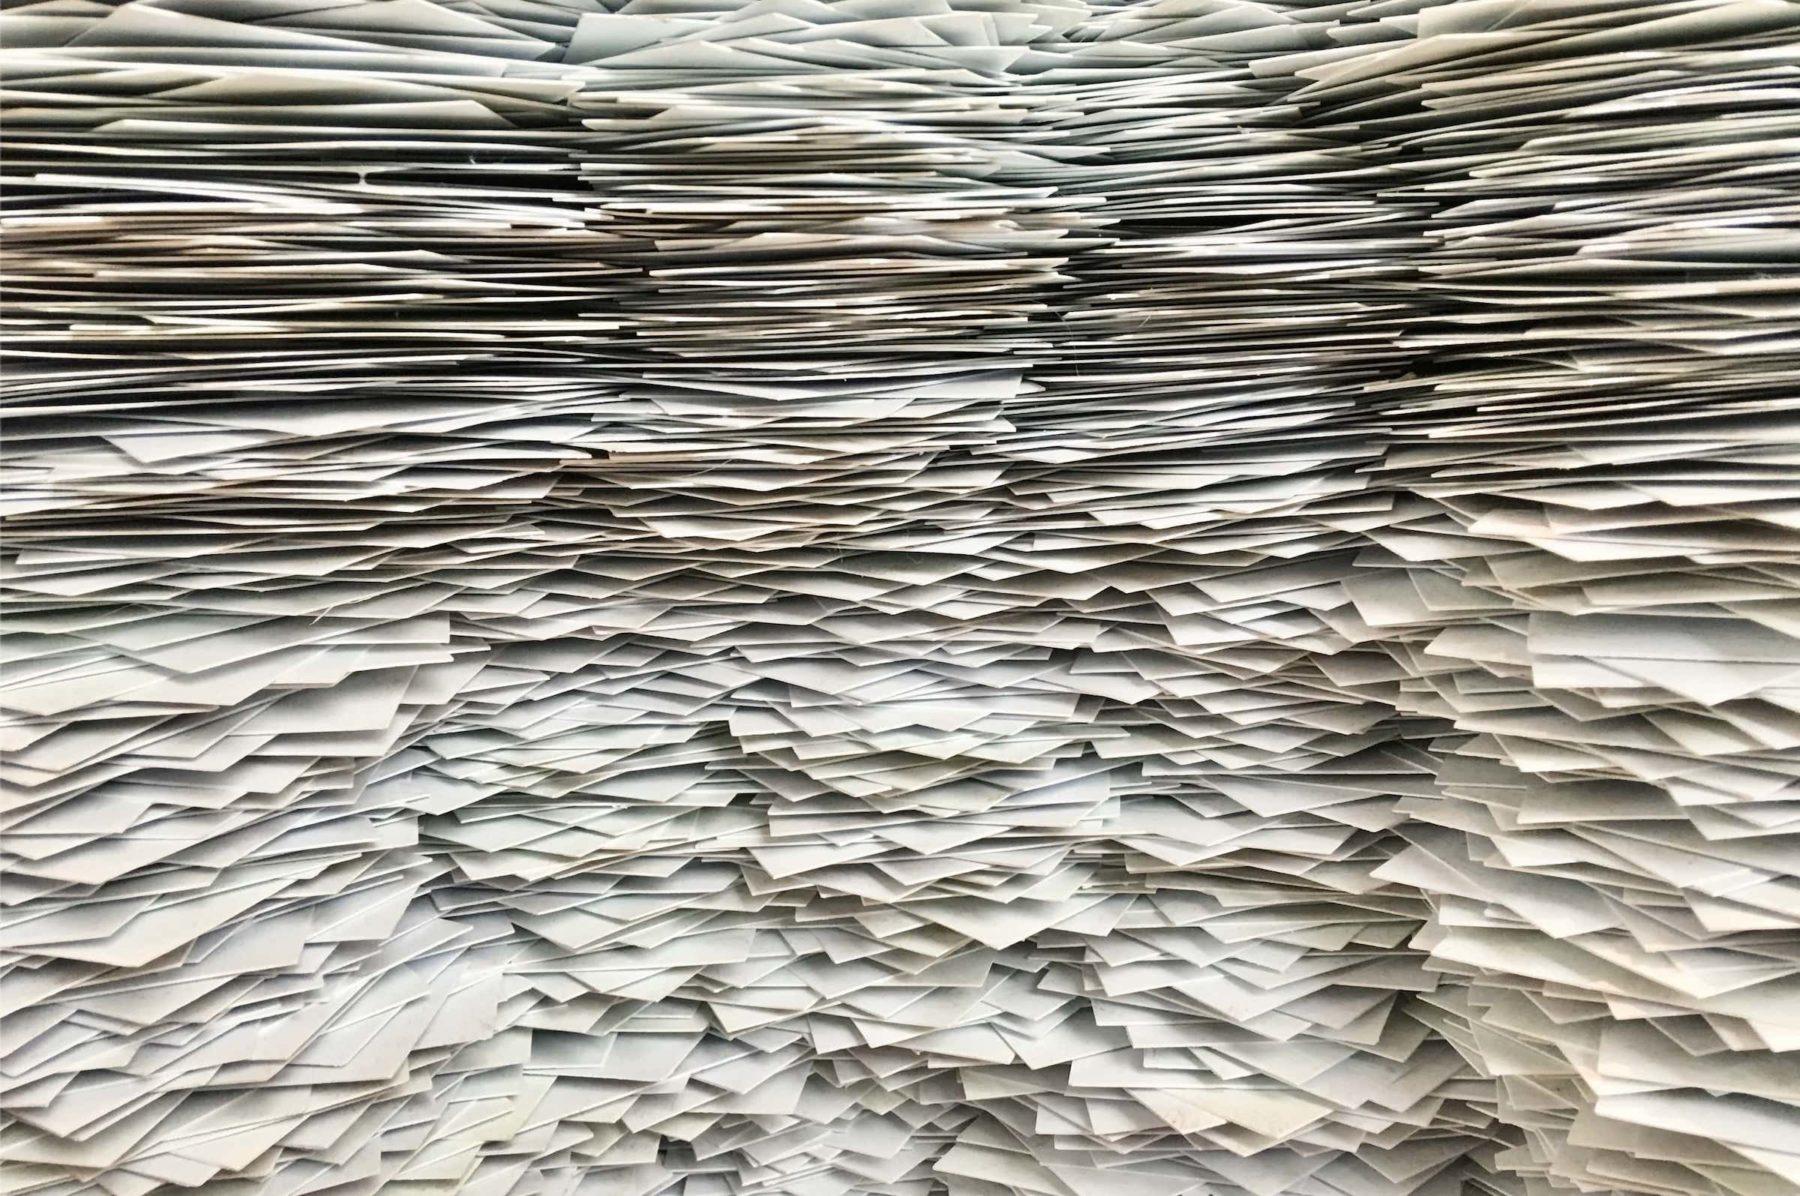 Je fais des économies de papier